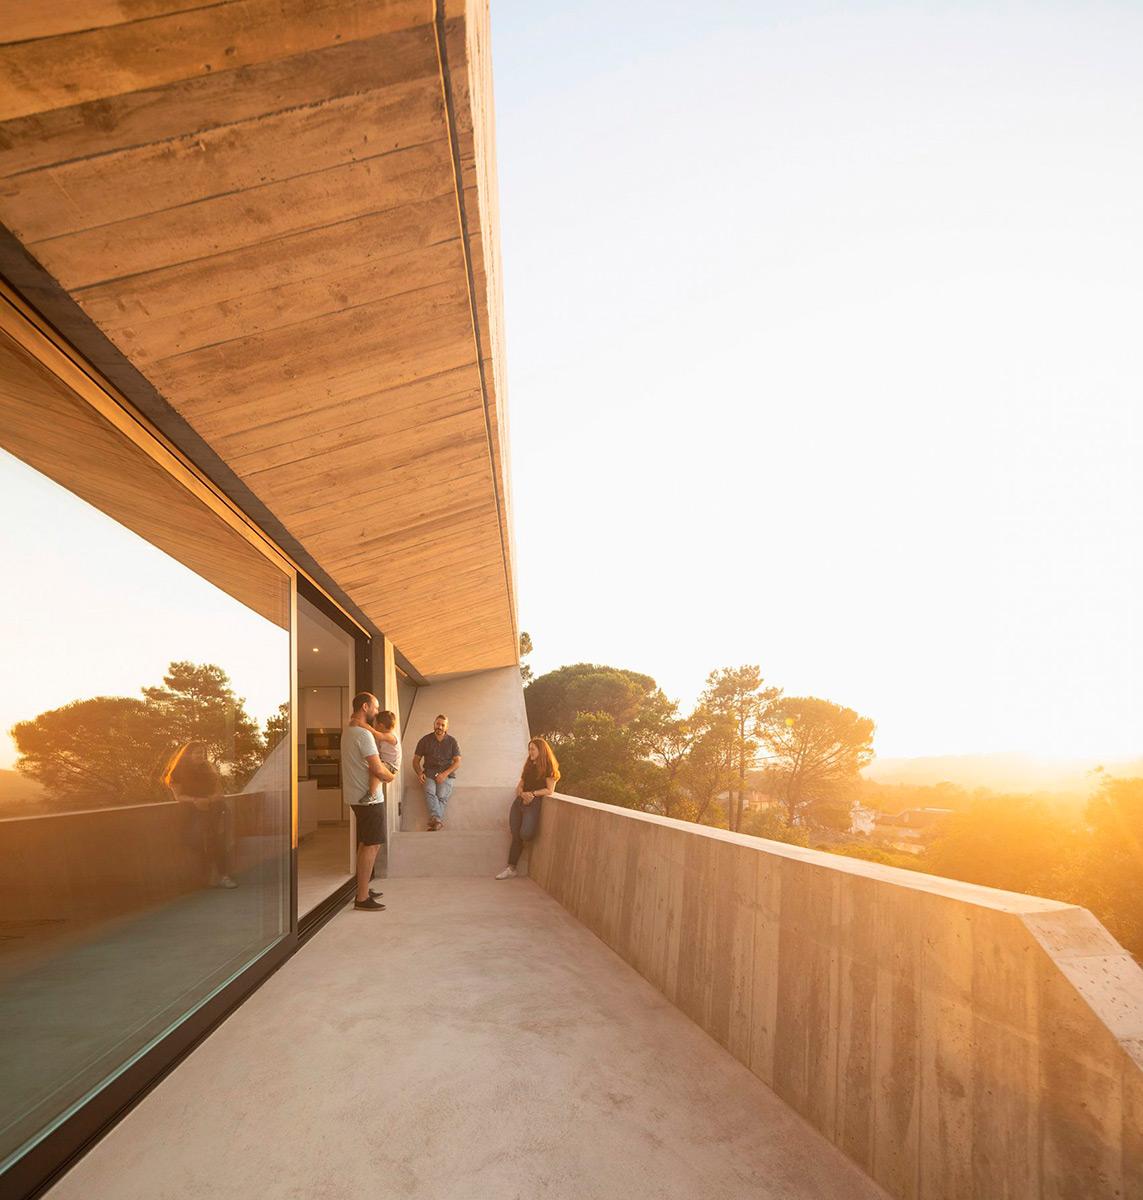 Casa-Povo-Contaminar-Arquitetos-Fernando-Guerra-05